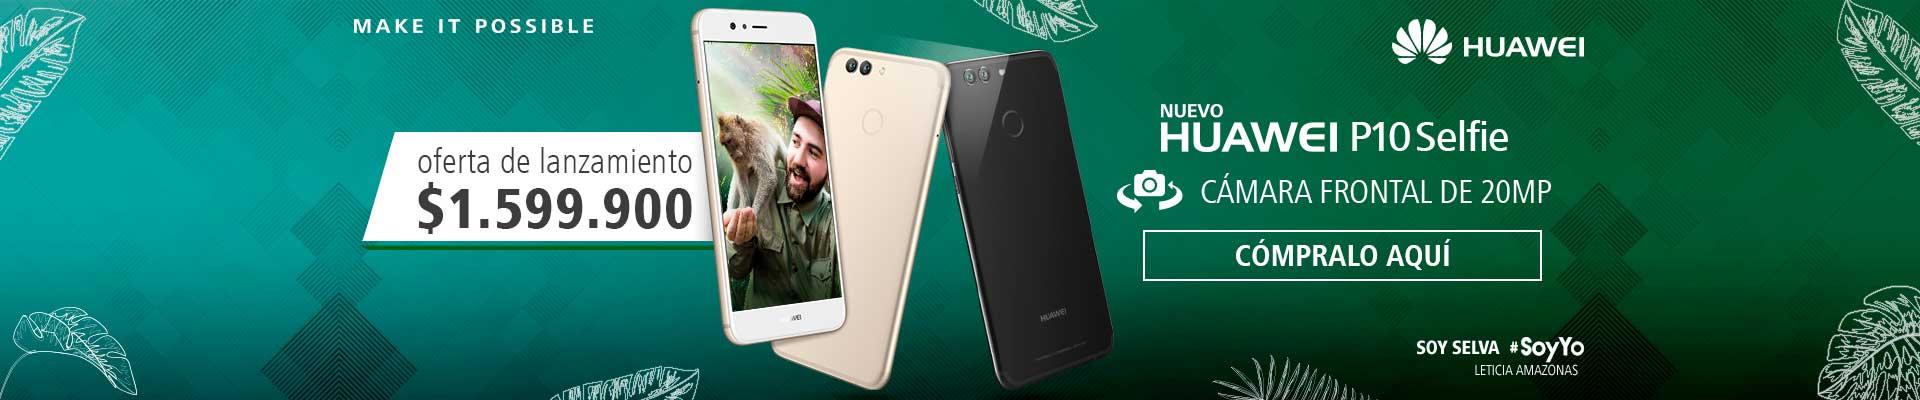 PPAL ALKP-4-celulares-Celular Libre HUAWEI P10 Selfie-prod-octubre18-20